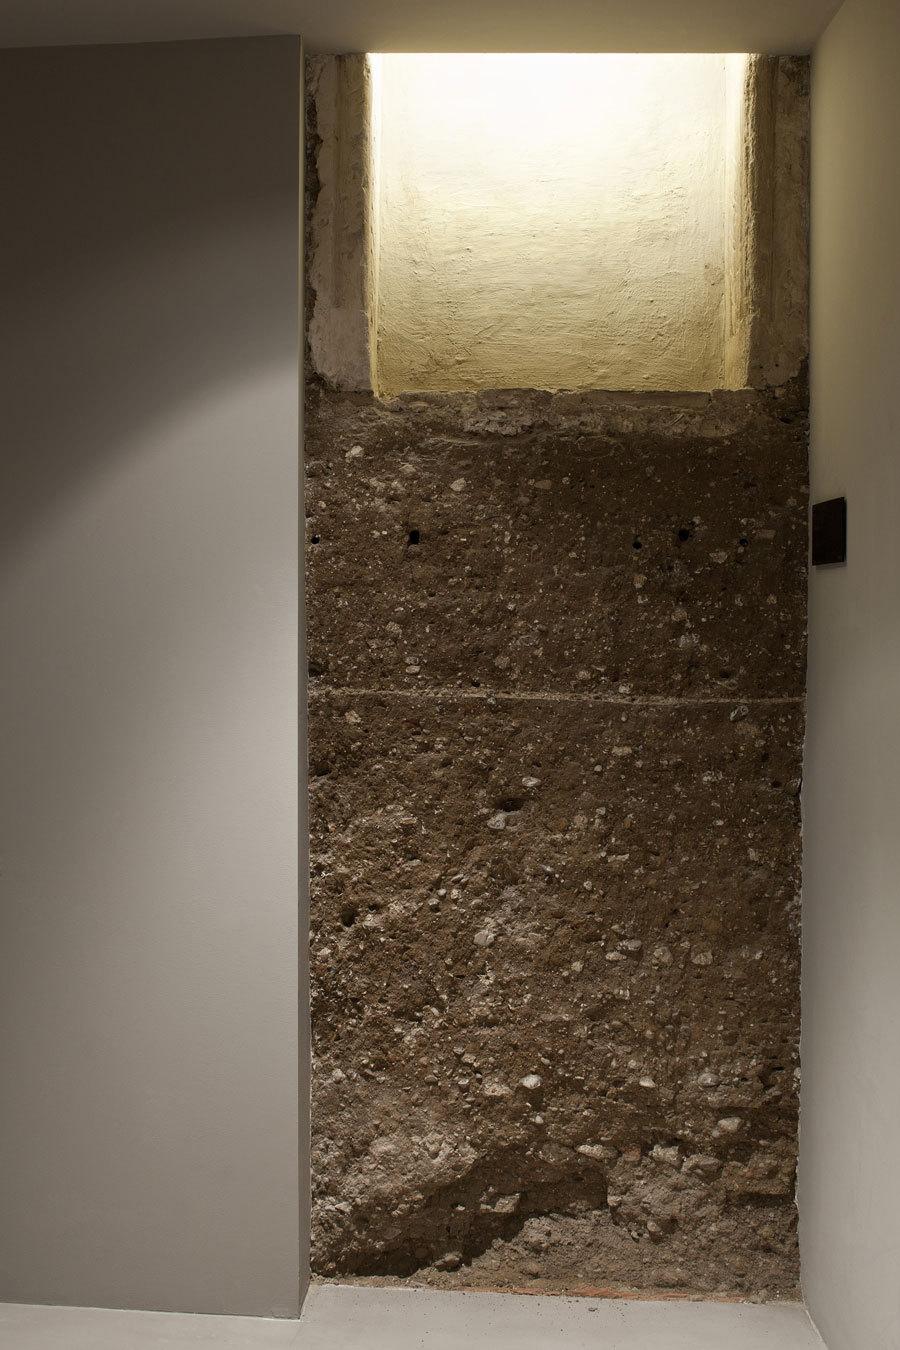 Chimenea habitación 4. Fuente: carohotel.com